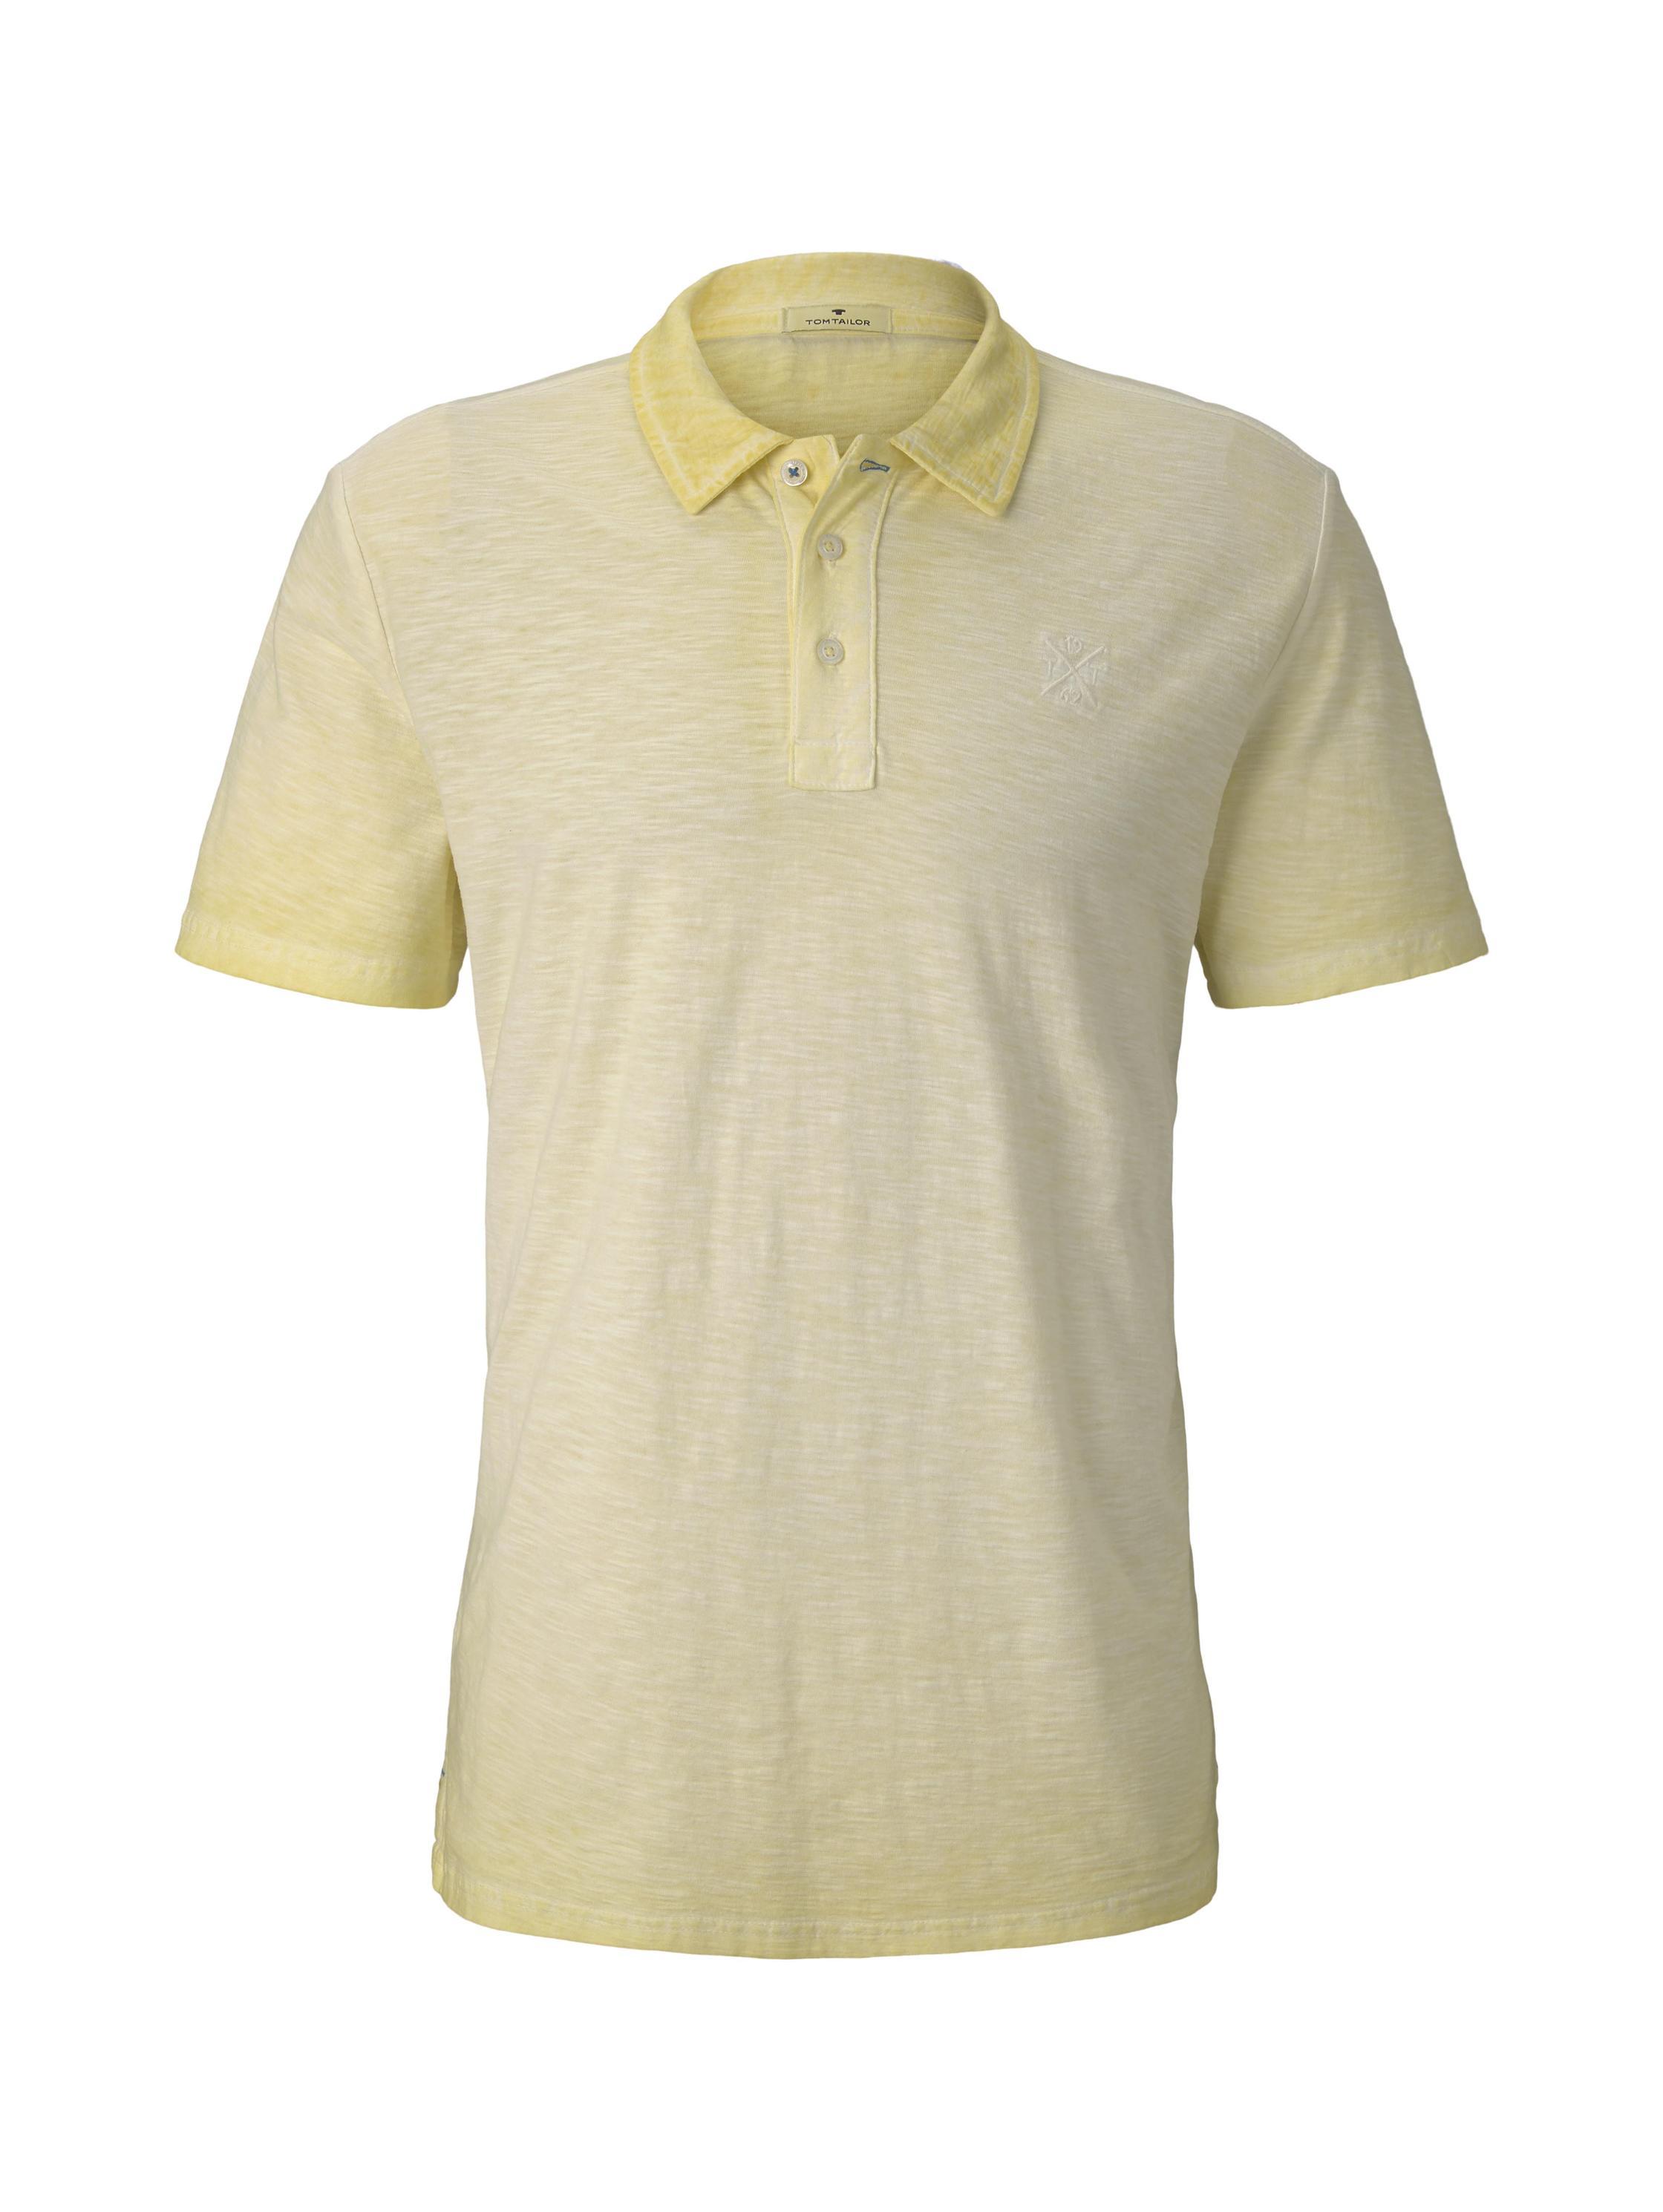 garment dye polo shirt, pale straw yellow